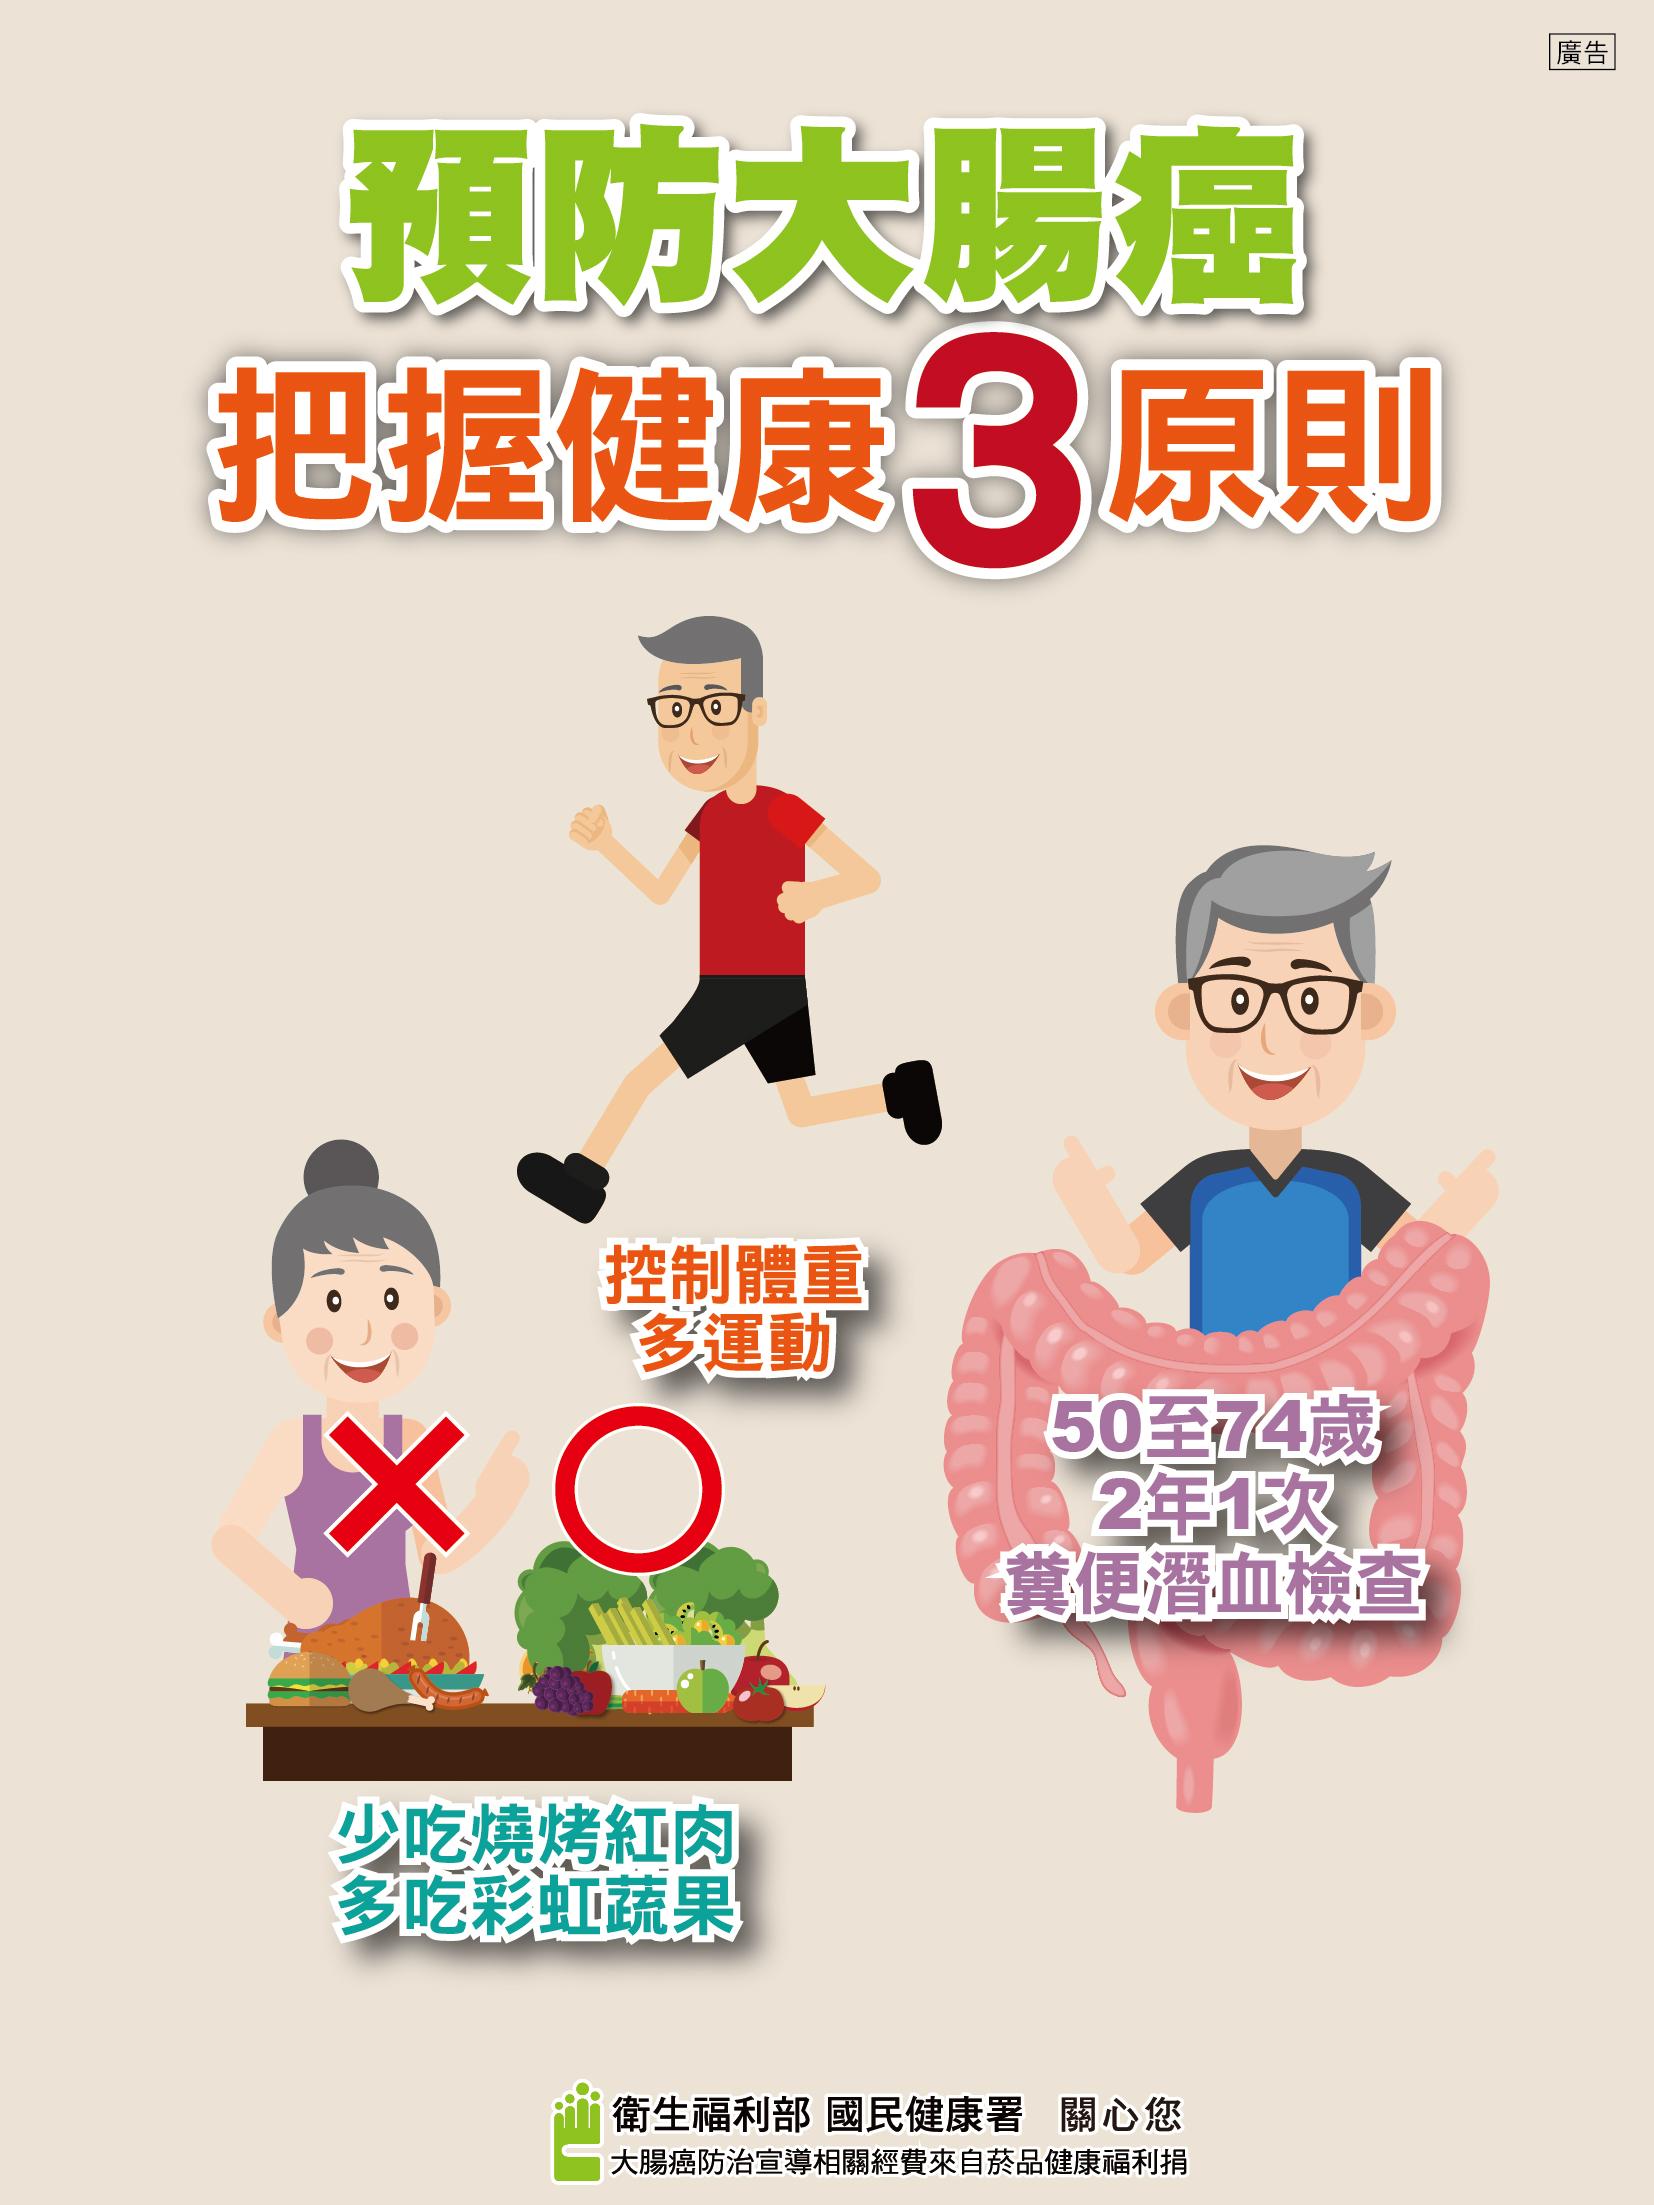 預防大腸癌 把握健康3原則